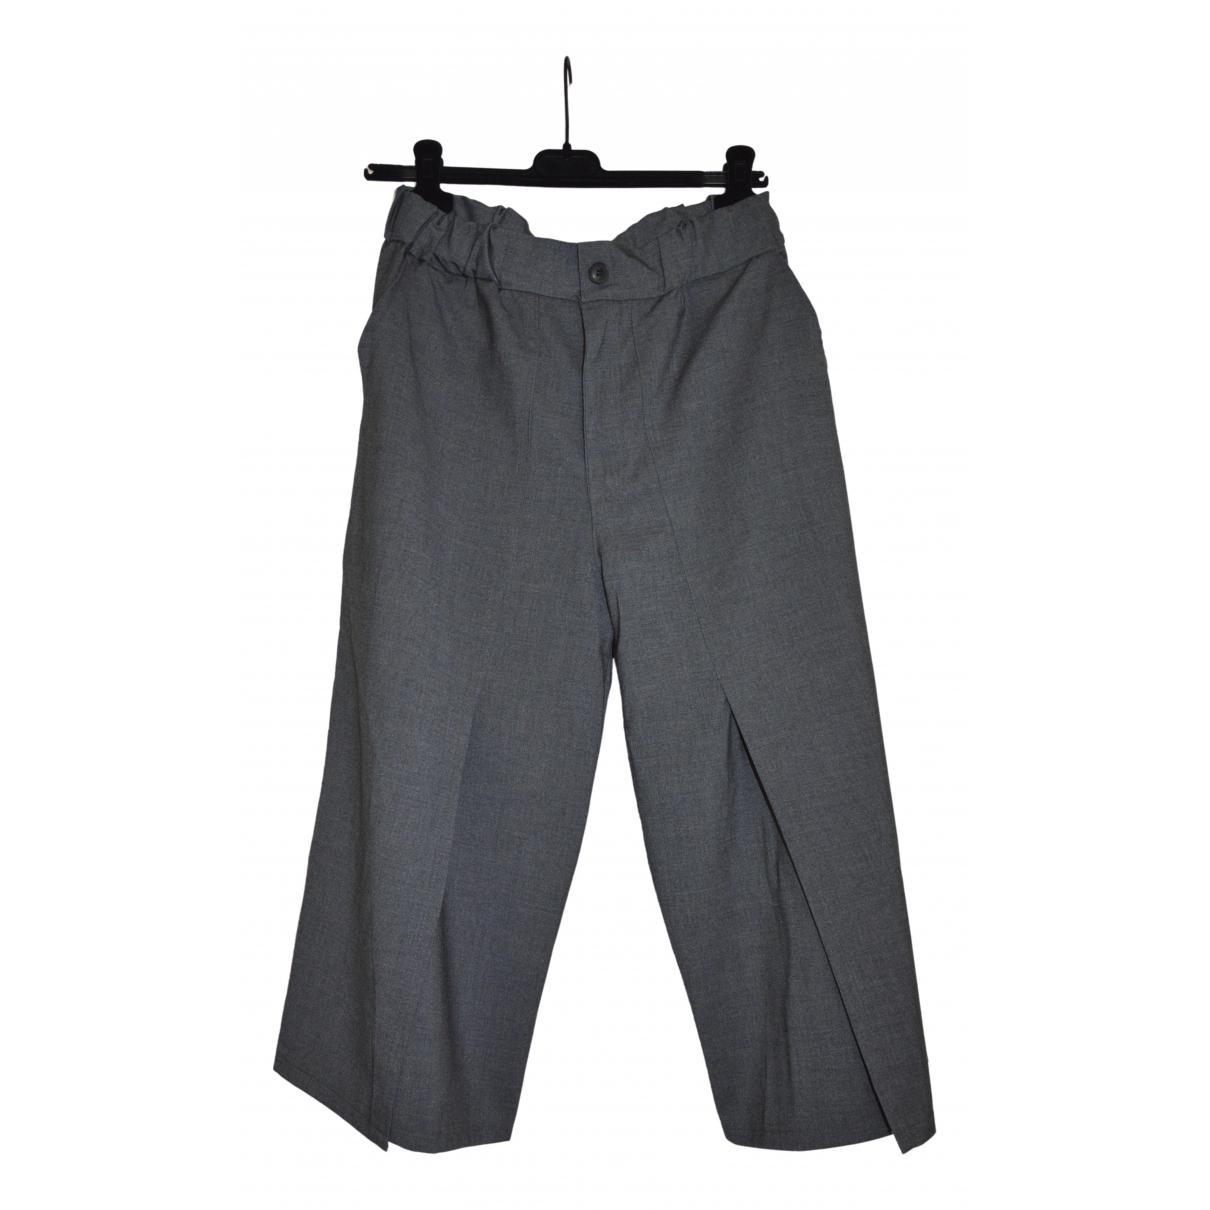 Pantalon corto Oversize Non Signe / Unsigned